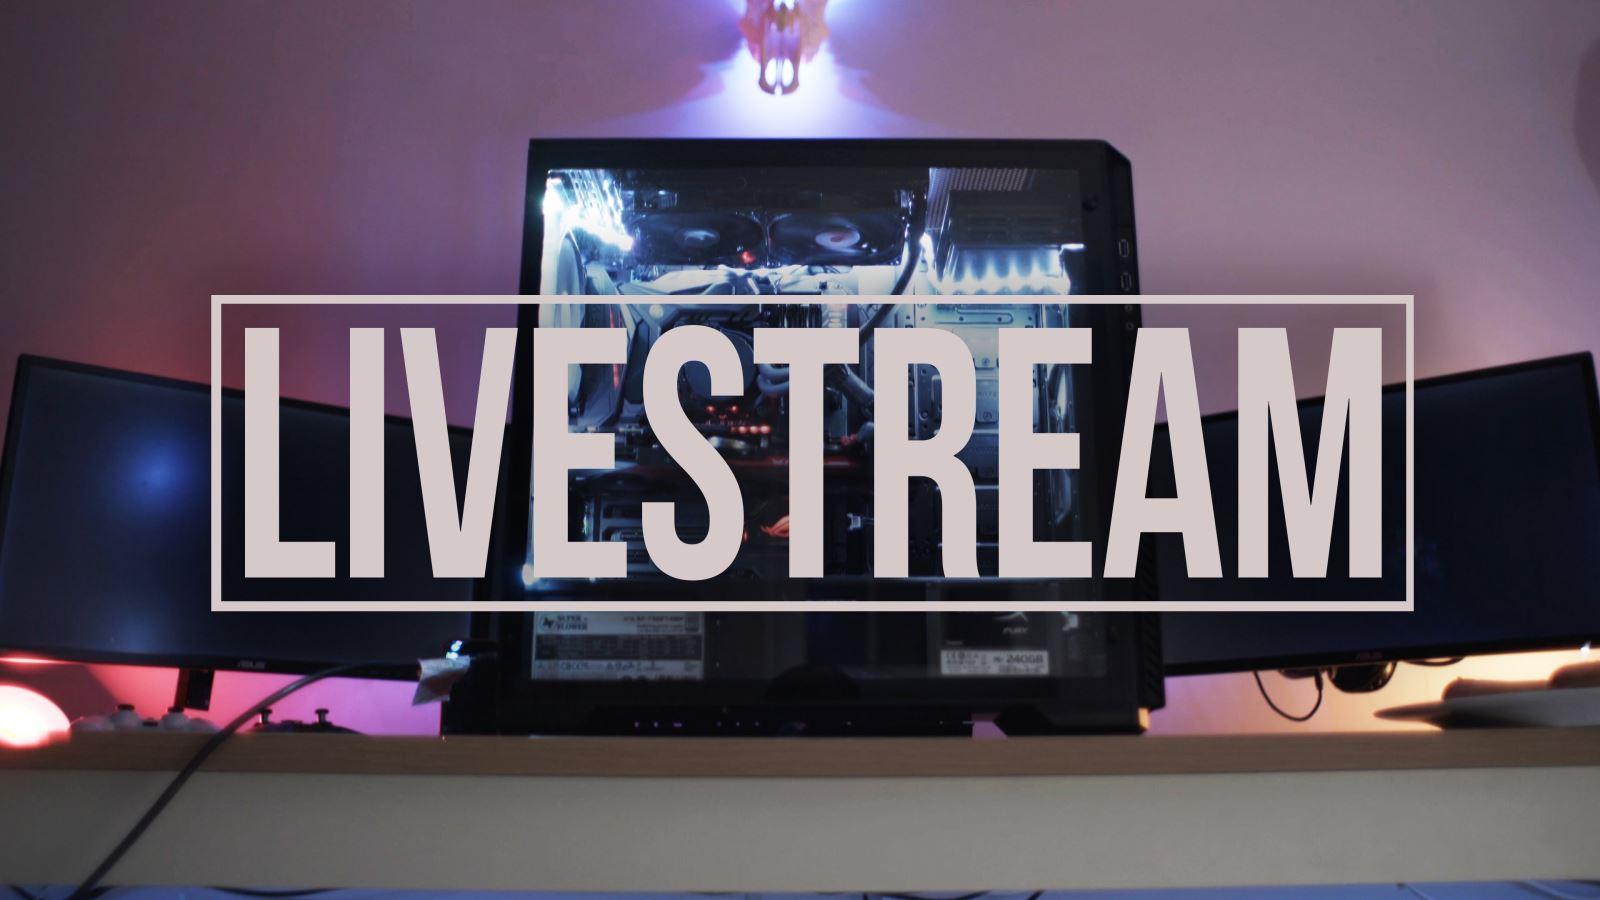 Vì sao dịch vụ Livestream được doanh nghiệp yêu thích và lựa chọn nhiều như hiện nay?